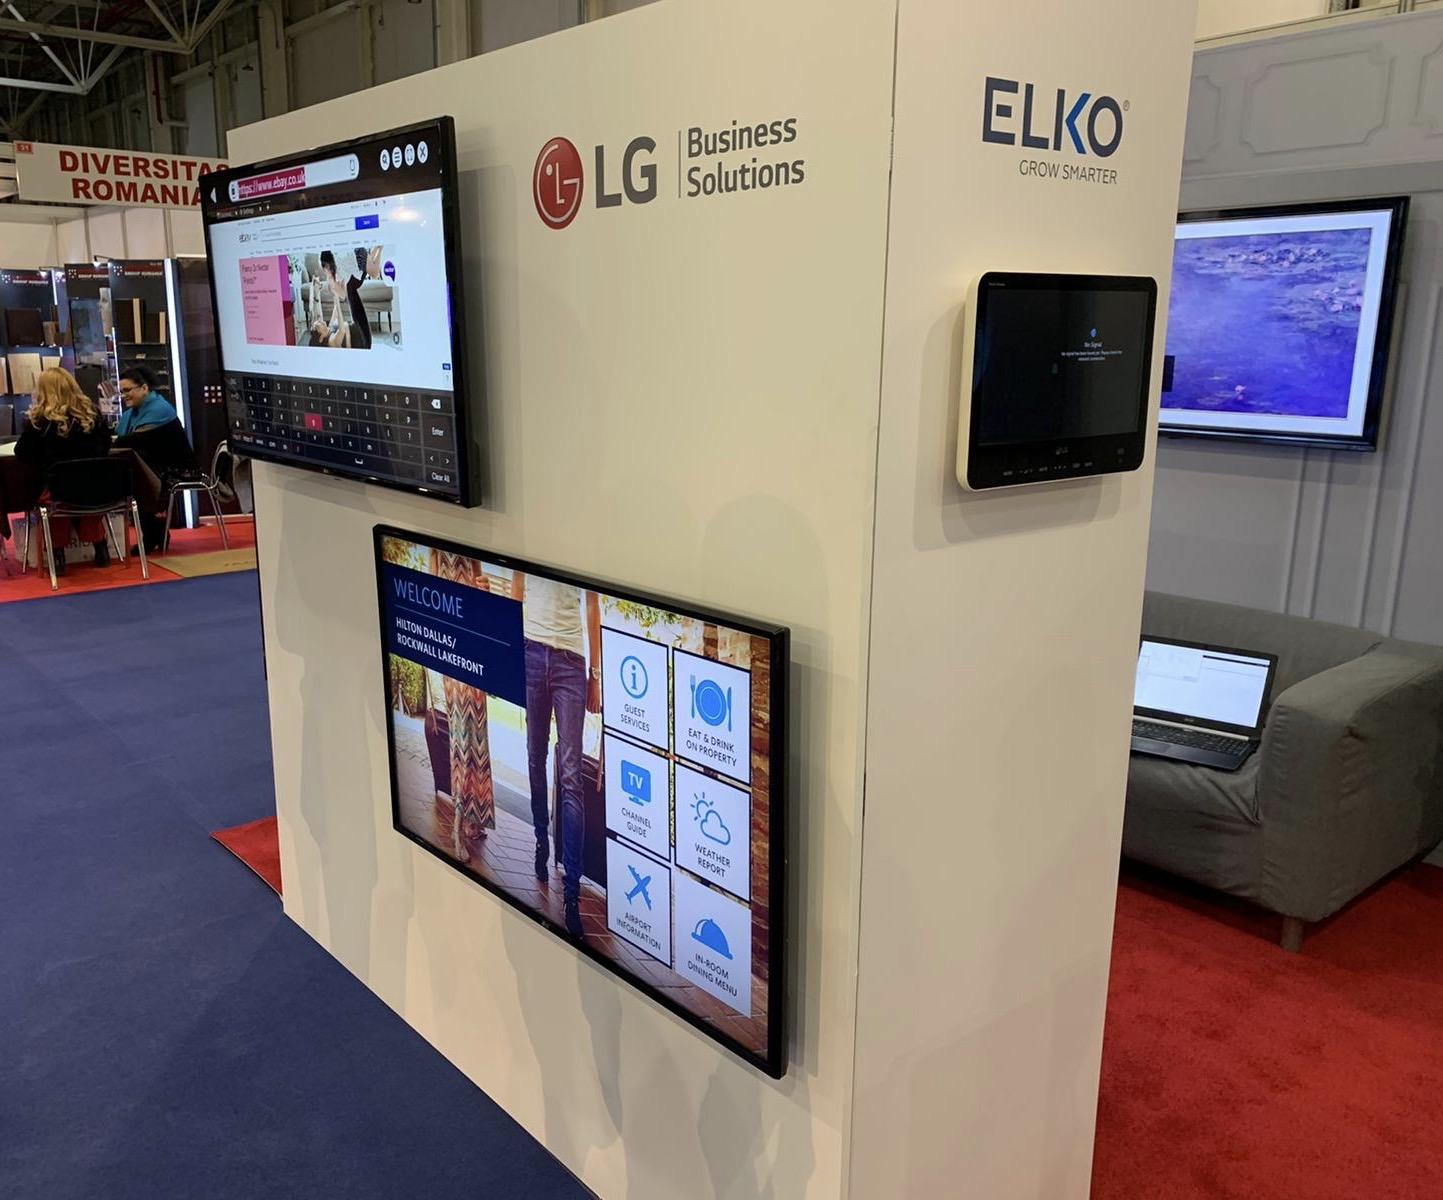 ELKO participă la RomHotel alături de LG Business Solutions